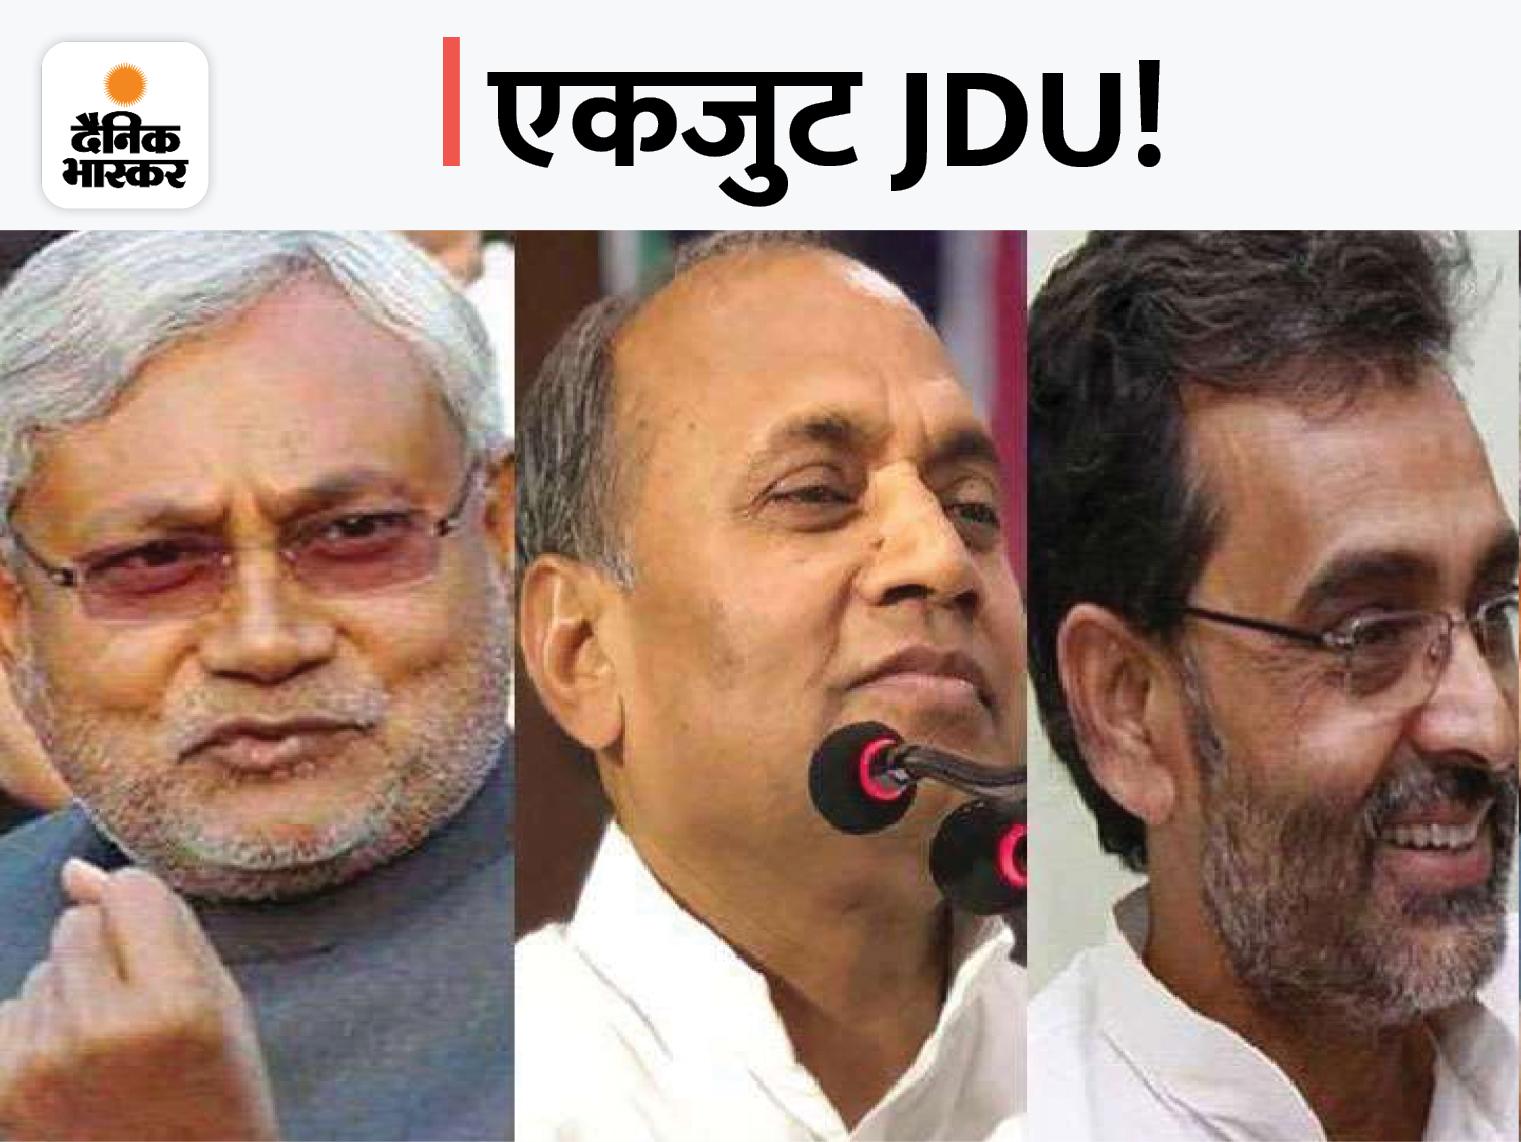 JDU ने बिहार विधानसभा उपचुनाव में स्टार प्रचारकों की लिस्ट जारी की, विवादों के बावजूद दिखाई एकता; लिस्ट में RCP और उपेंद्र भी|बिहार,Bihar - Dainik Bhaskar